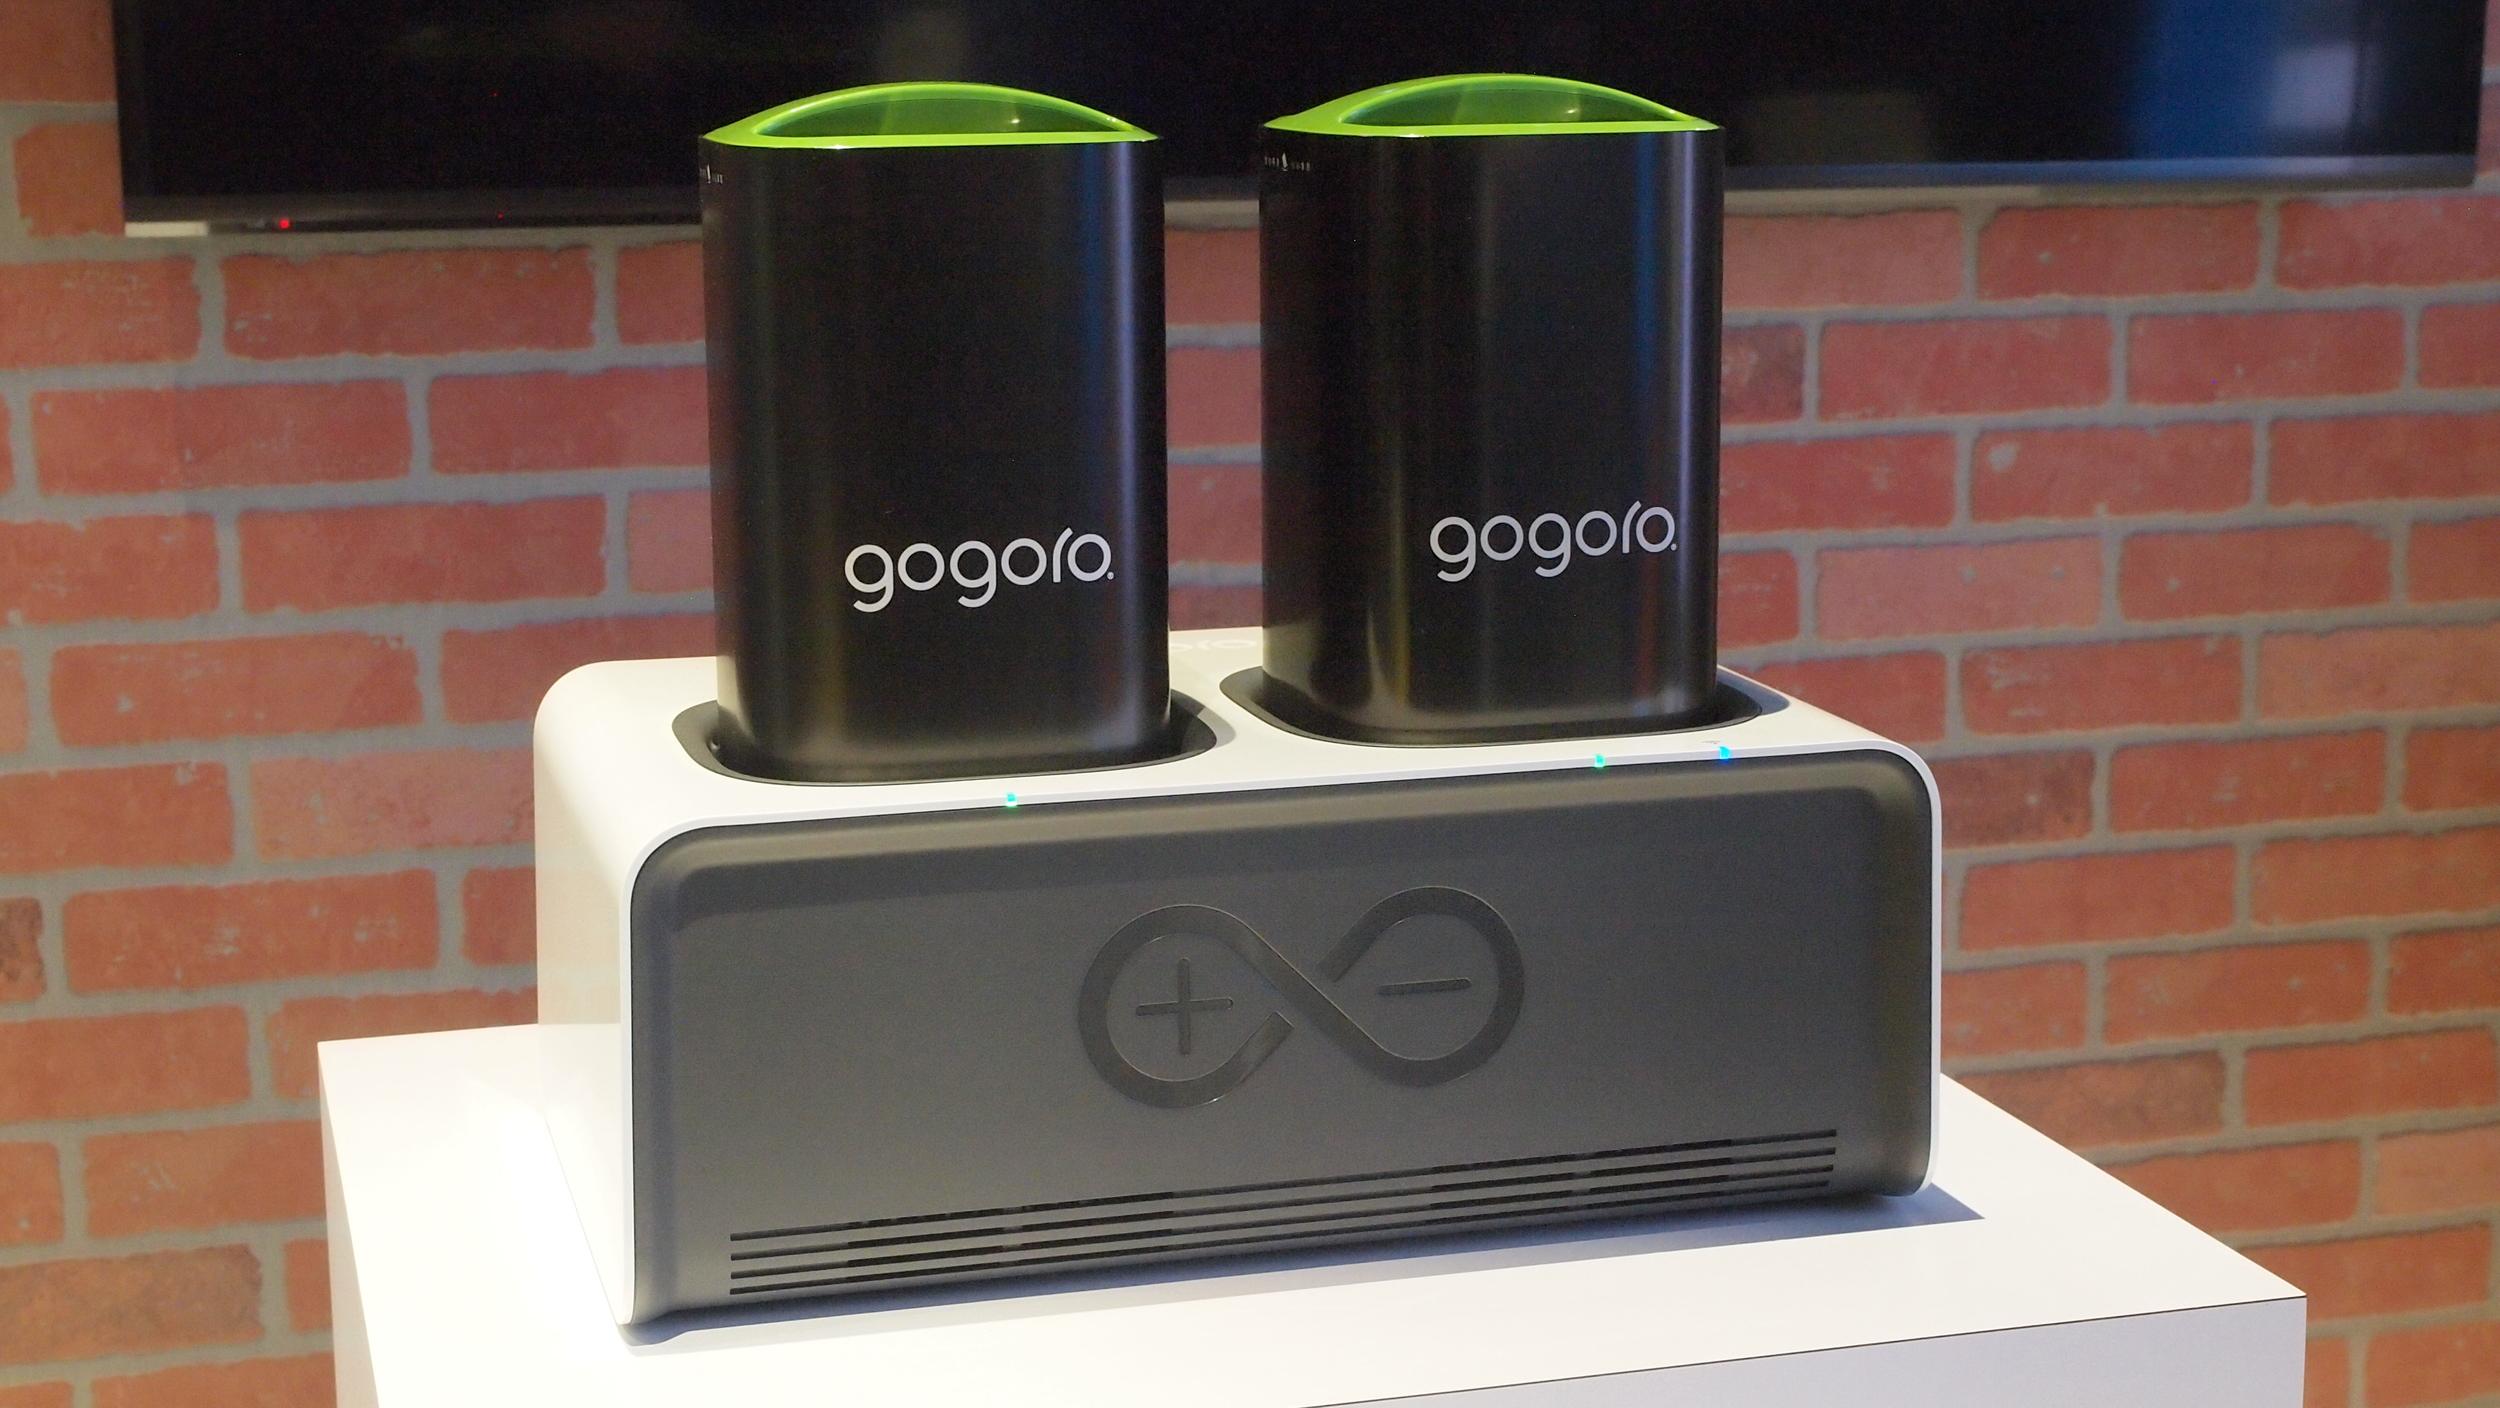 Gogoro Smartscooter Plus Uses Panasonic 18650 Cylindrical